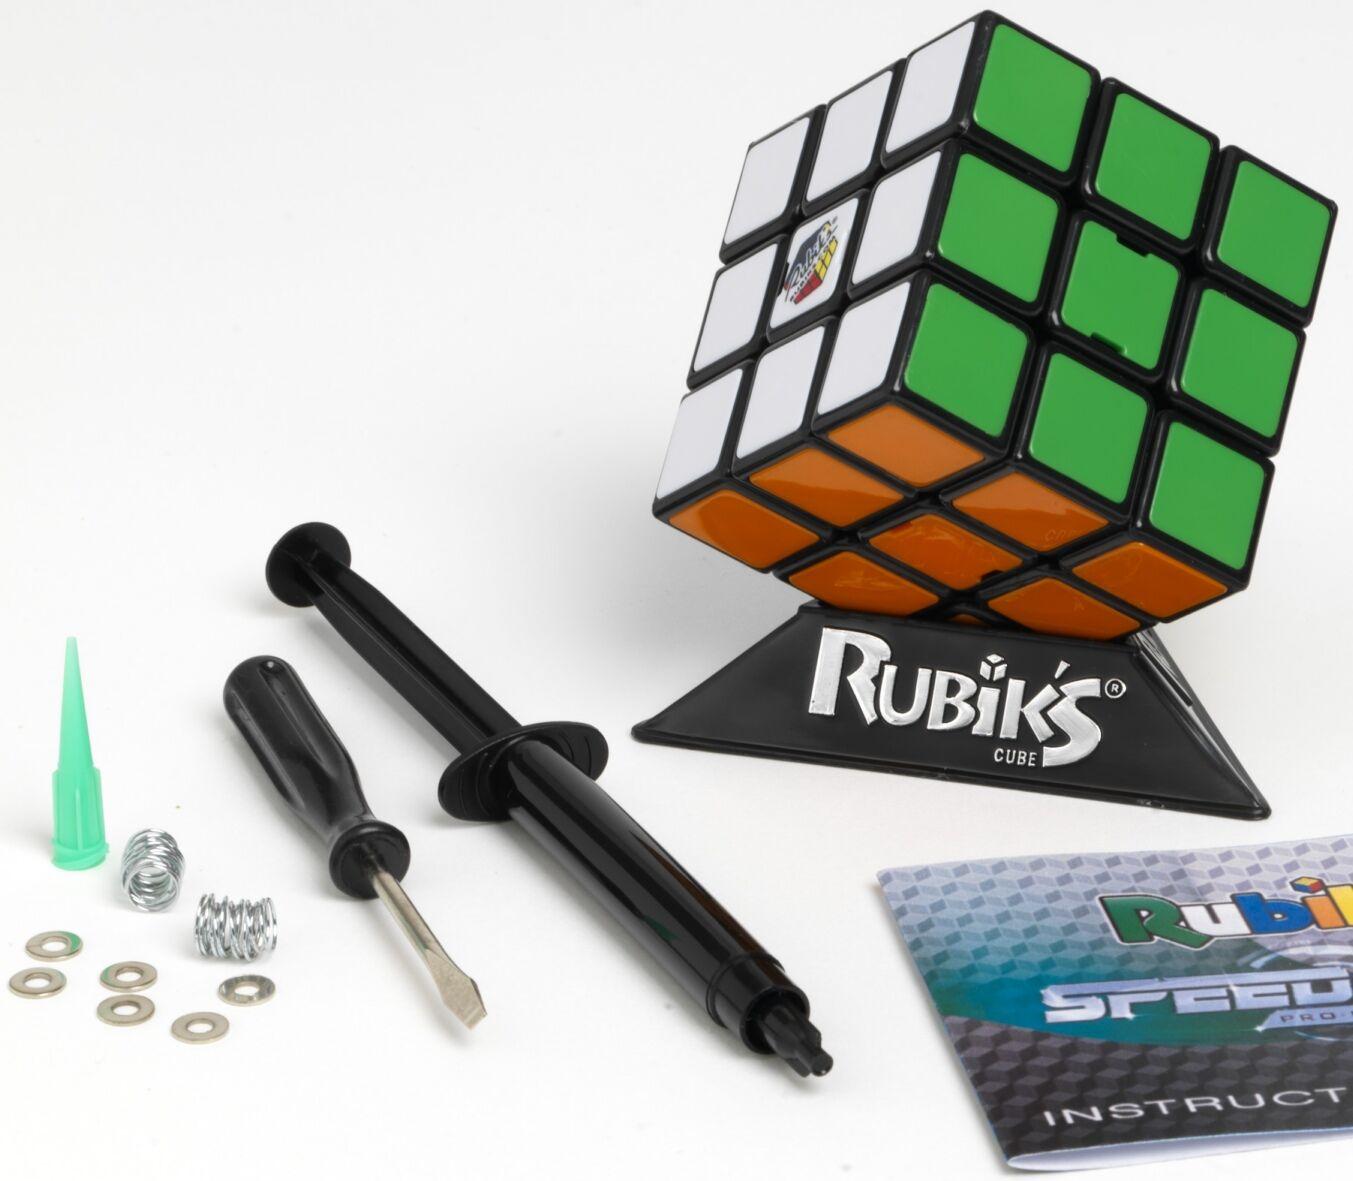 Cube Rubiks kube 3x3 Speed Cube Pro Pack Proff utgave av Rubiks 3x3